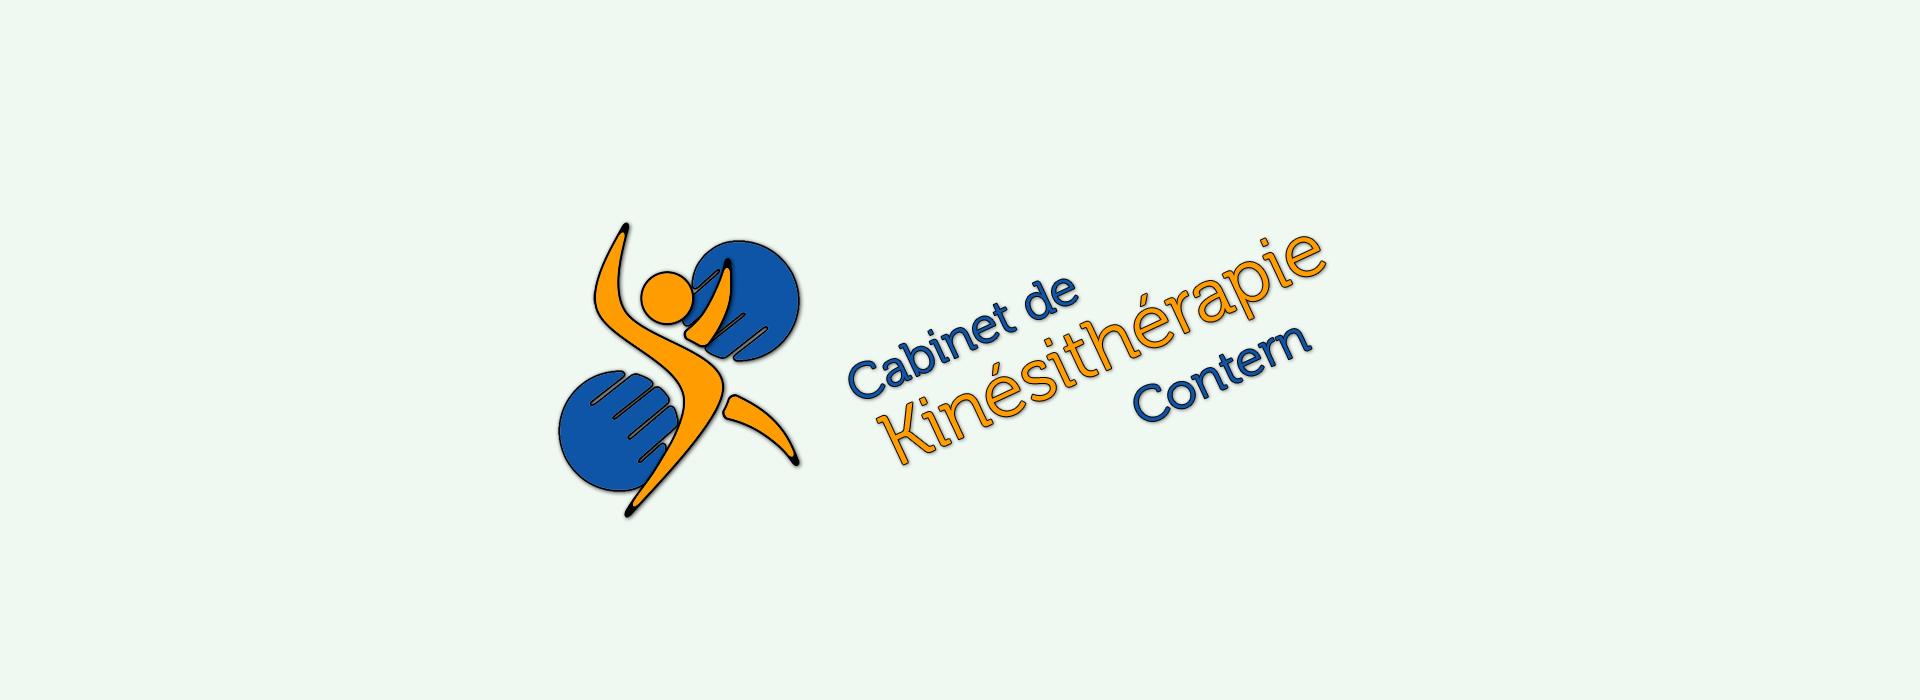 Kinésithérapie Contern